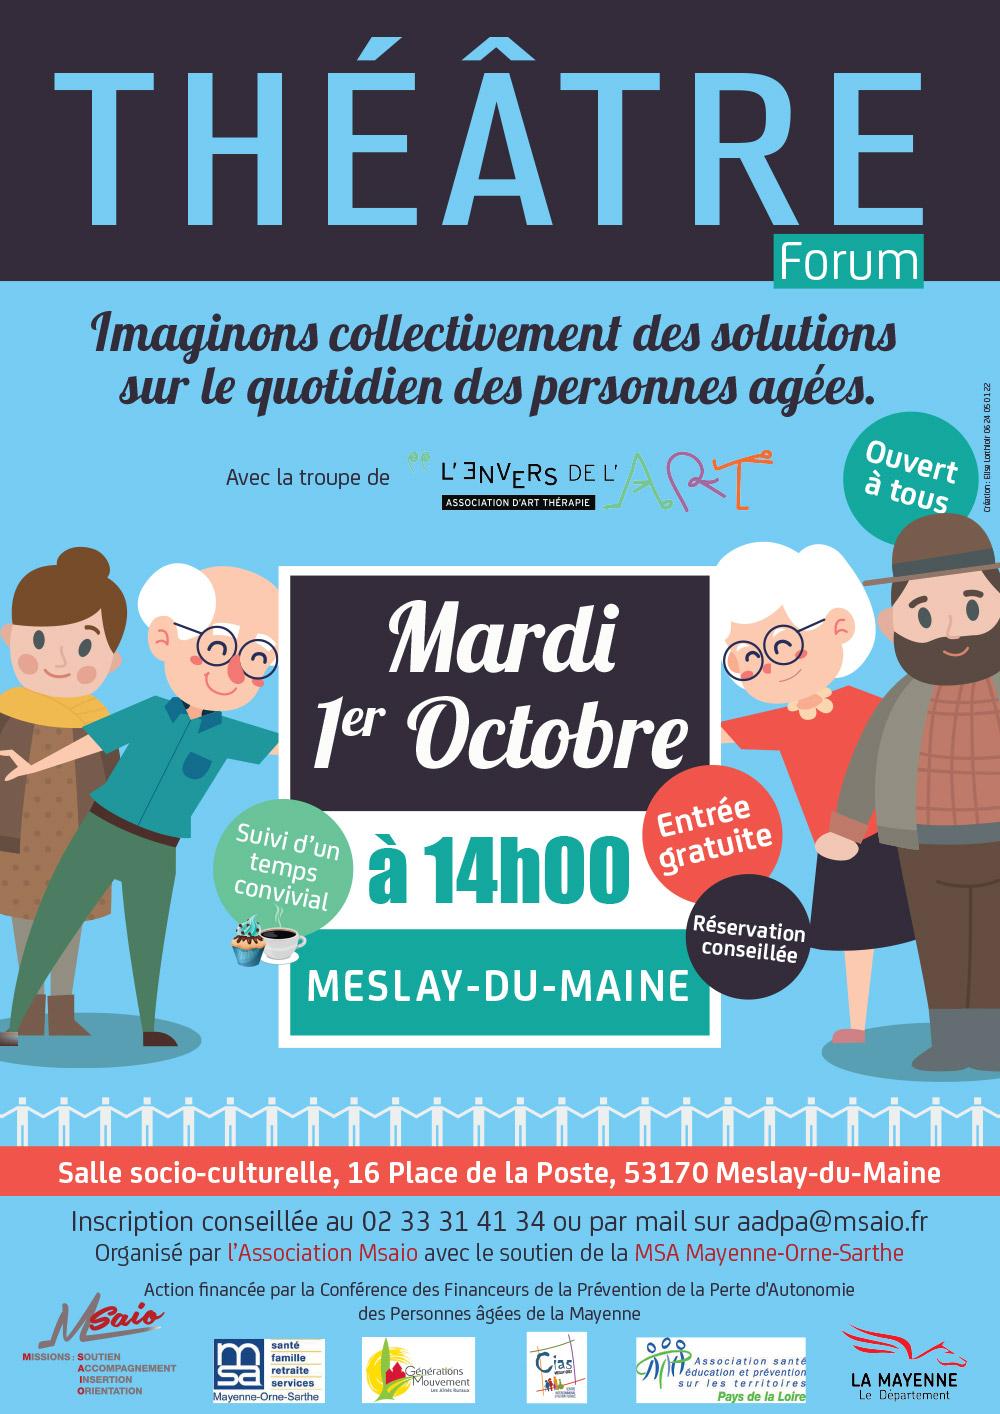 Théâtre forum à Meslay-du-Maine / 1 oct 2019 – 14 heures